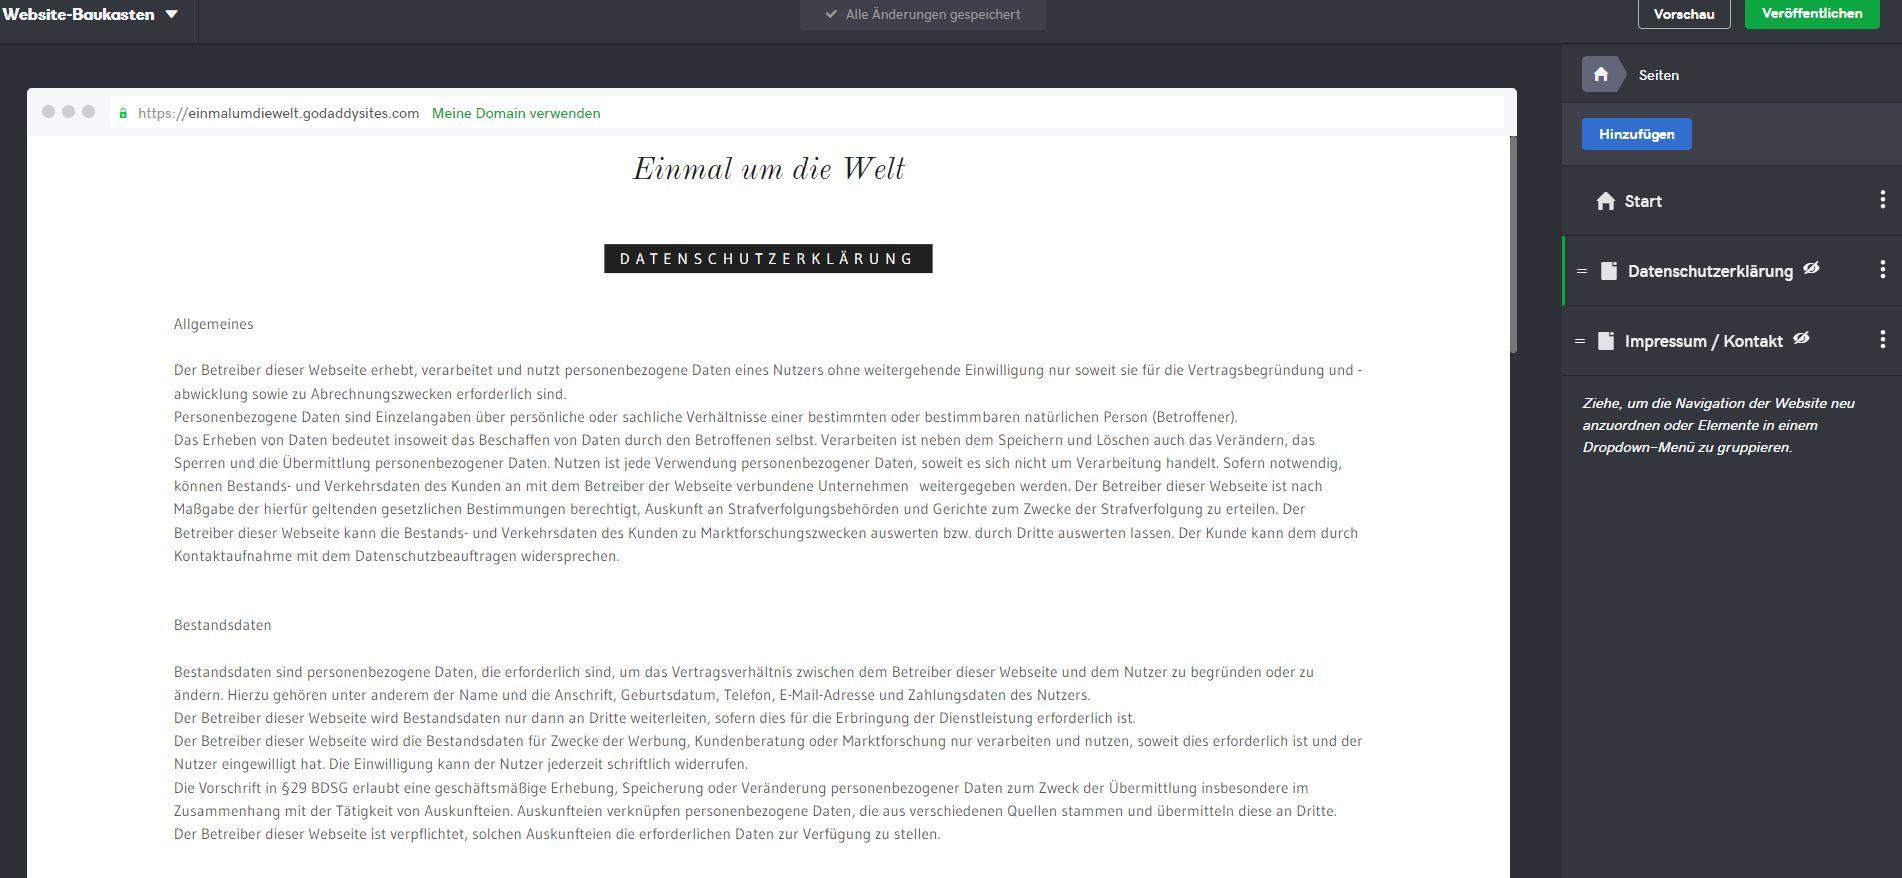 Kostenlose Website erstellen mit GoDaddy - Schritt 4